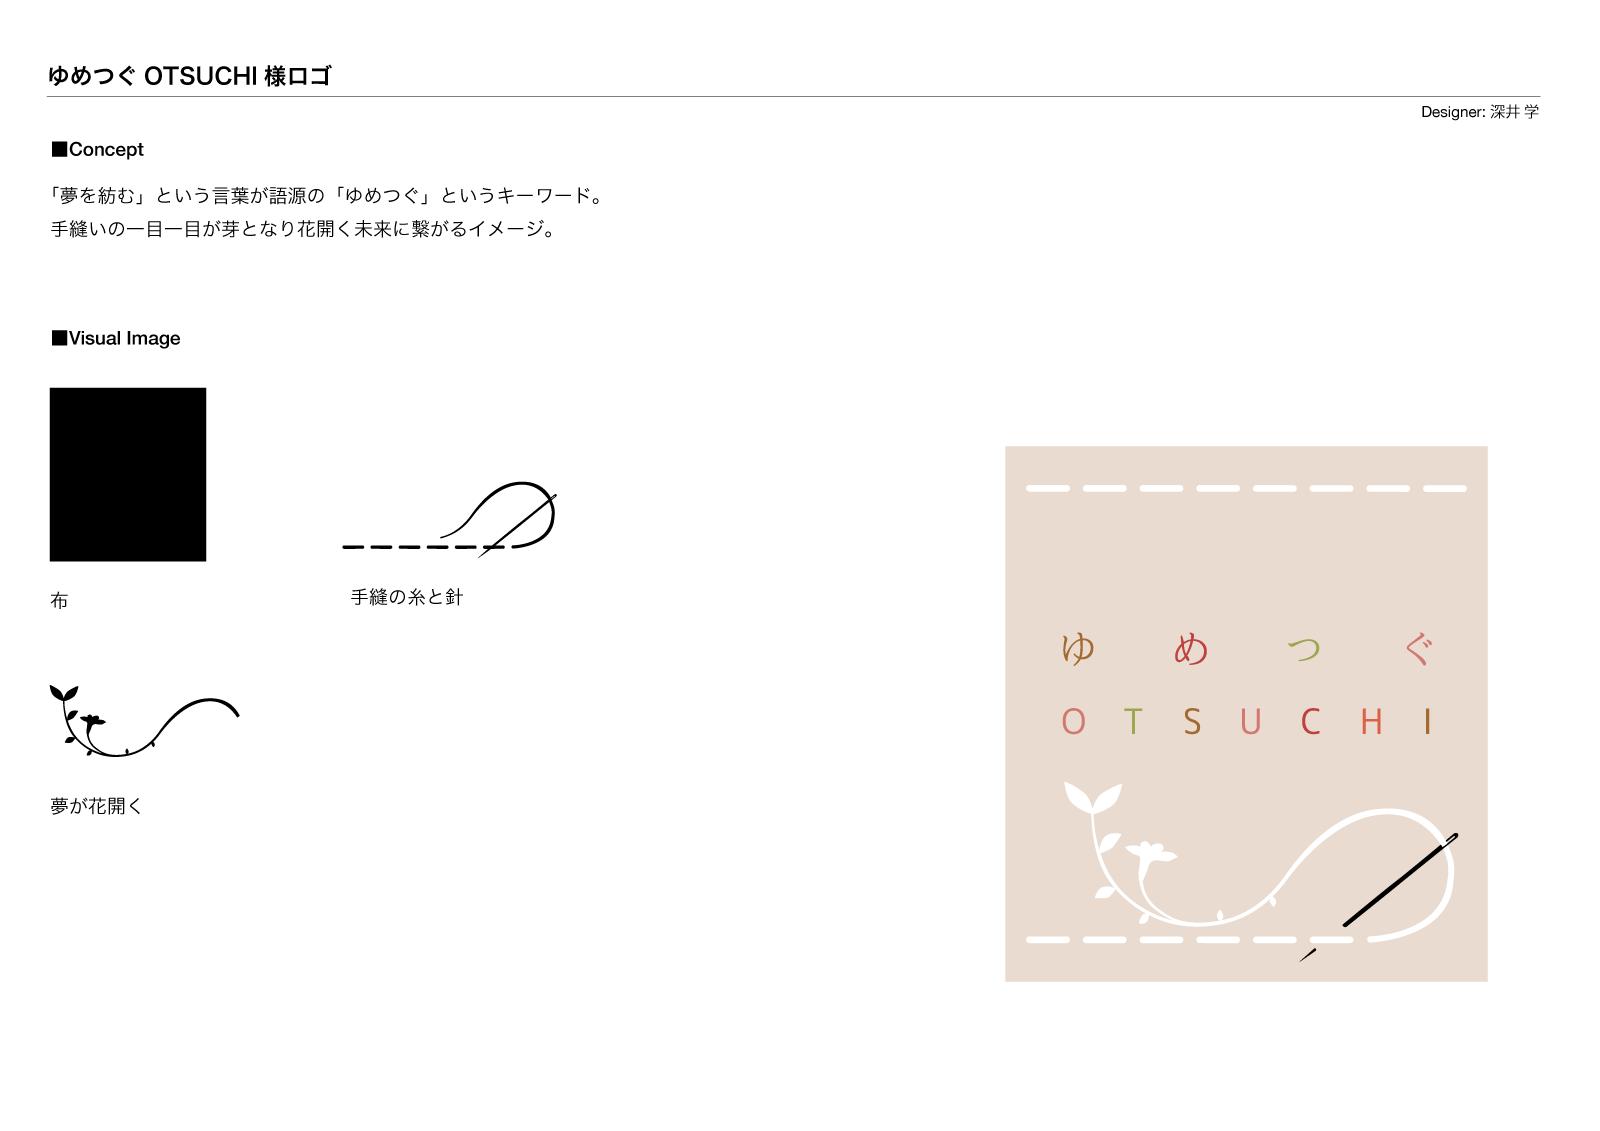 ゆめつぐOTSUCHI様ロゴデザイン